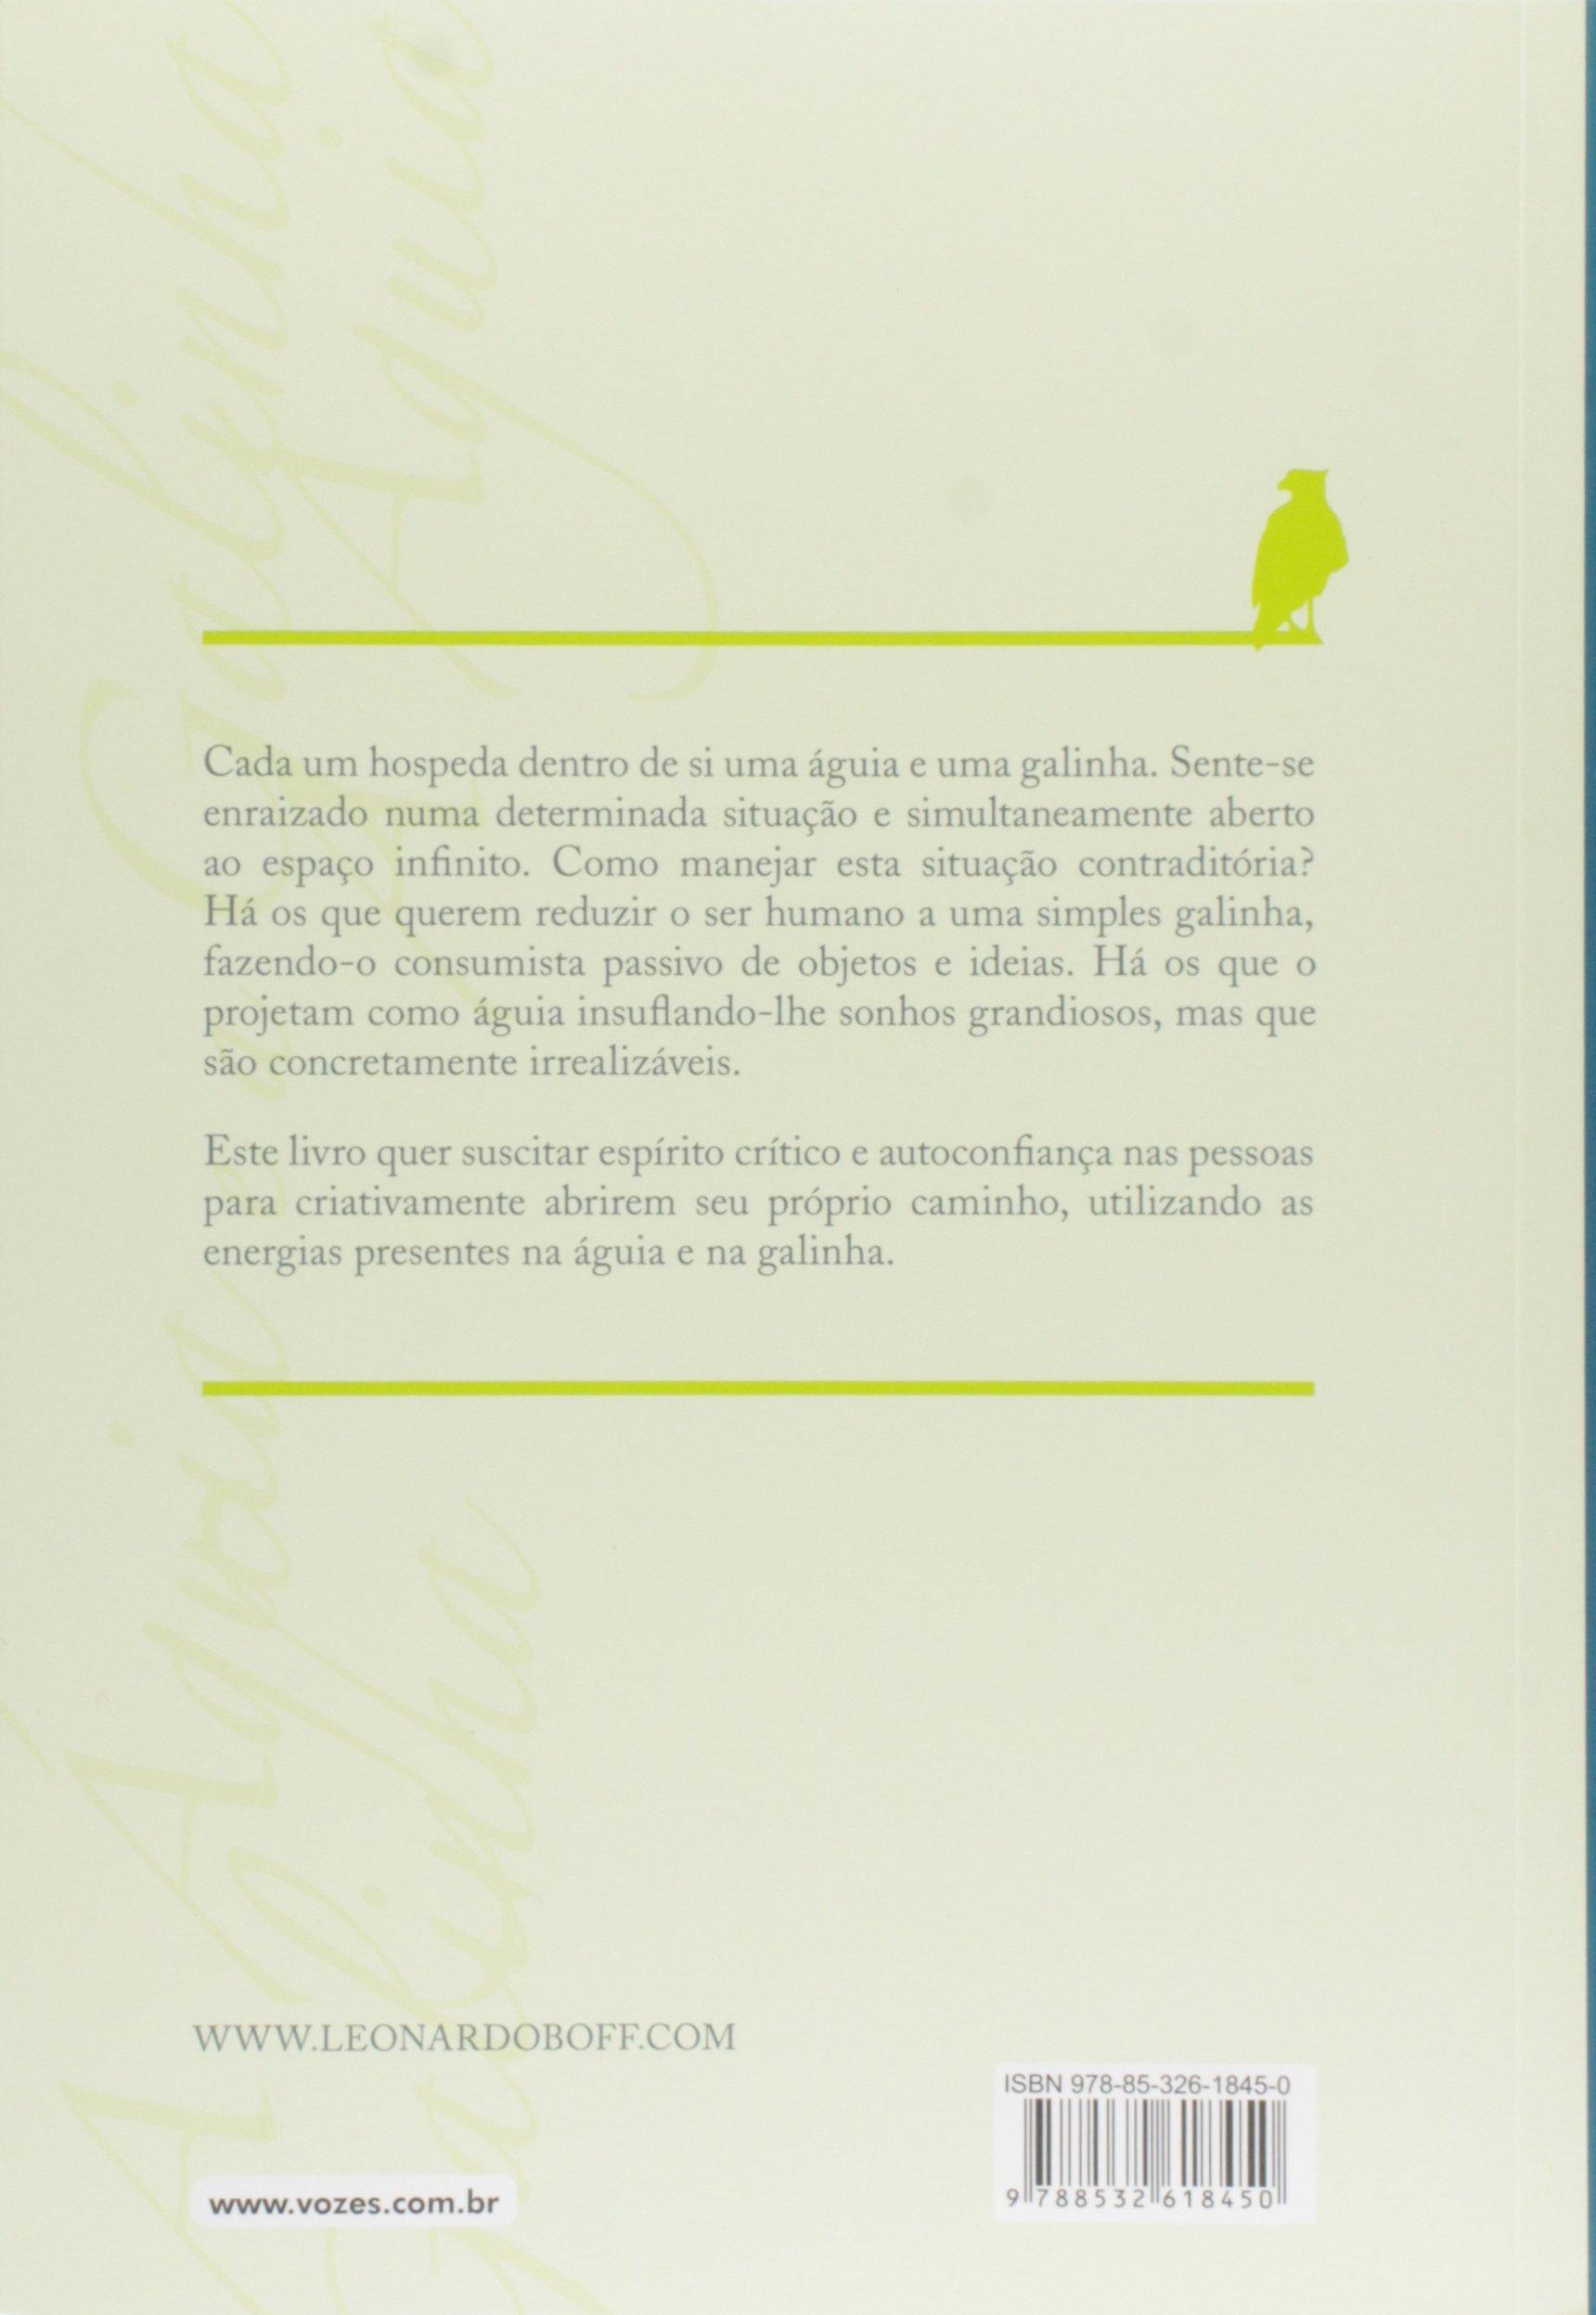 GUIA LEONARDO BAIXAR BOFF A E DE A GALINHA